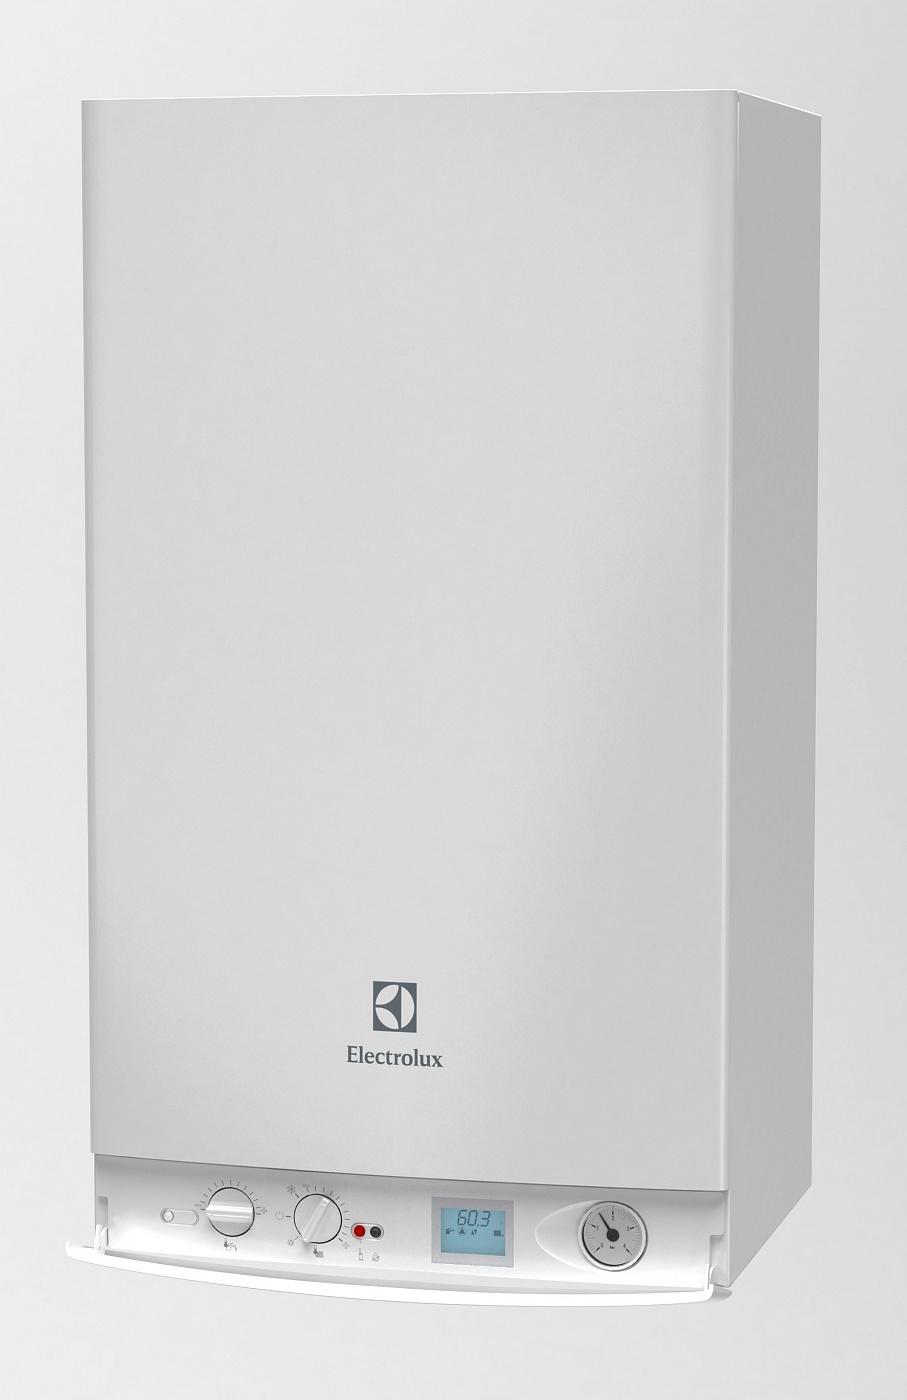 газовый котел электролюкс инструкция по применению